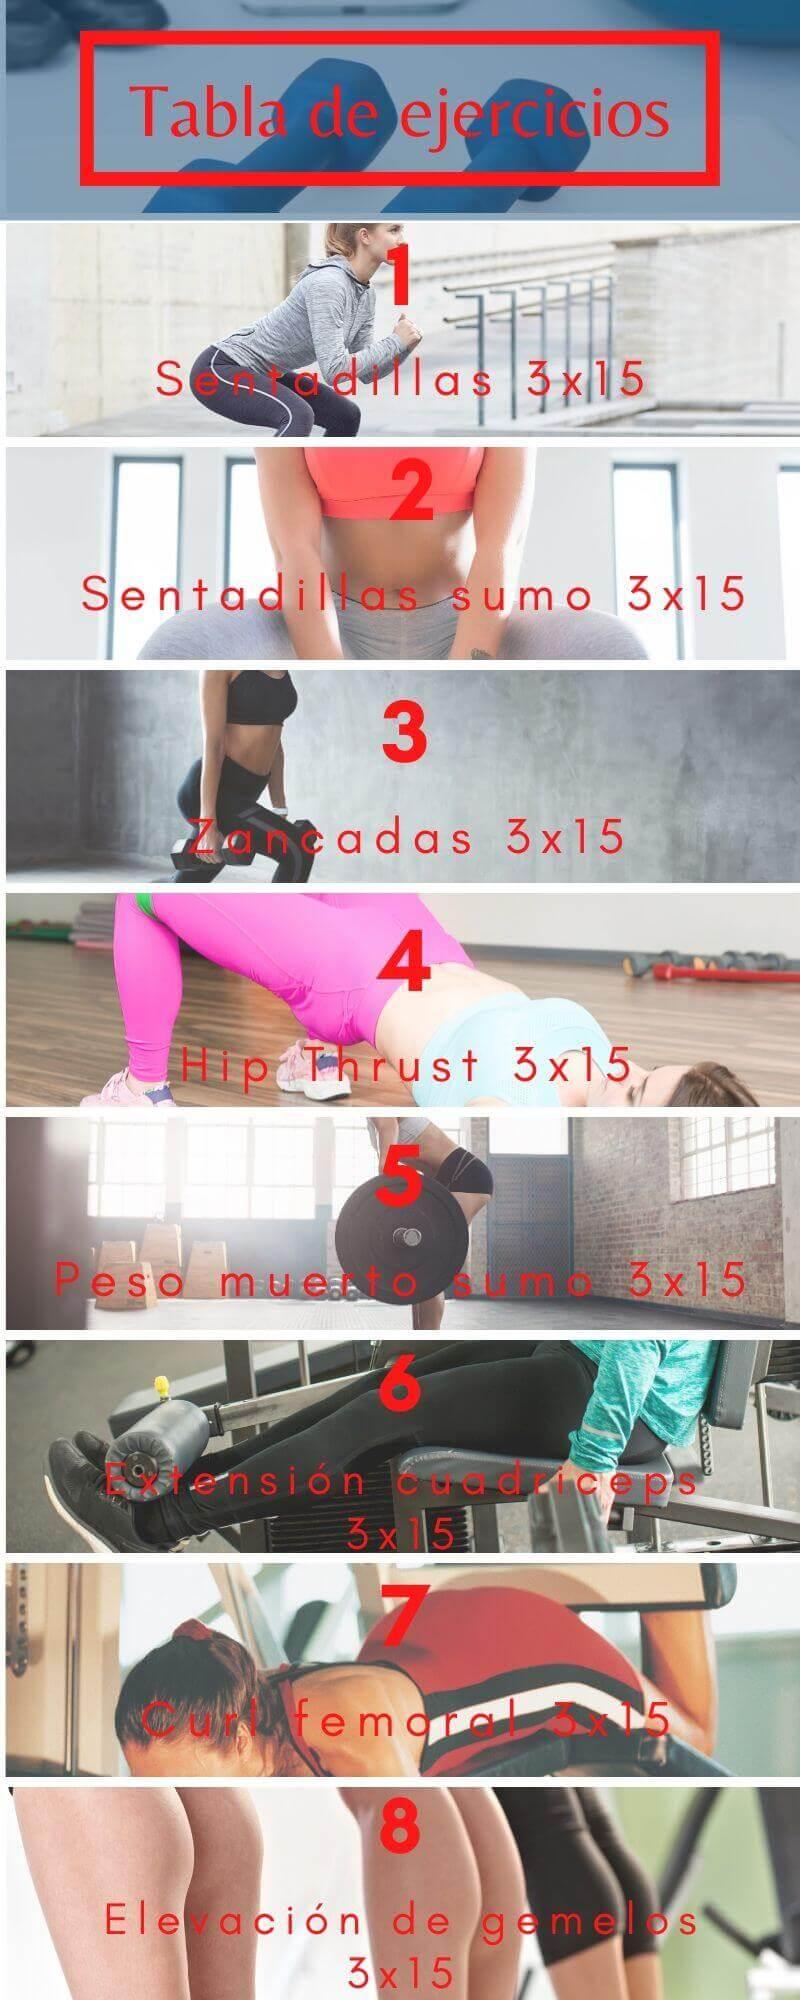 Tabla de entrenamiento de piernas y gluteos